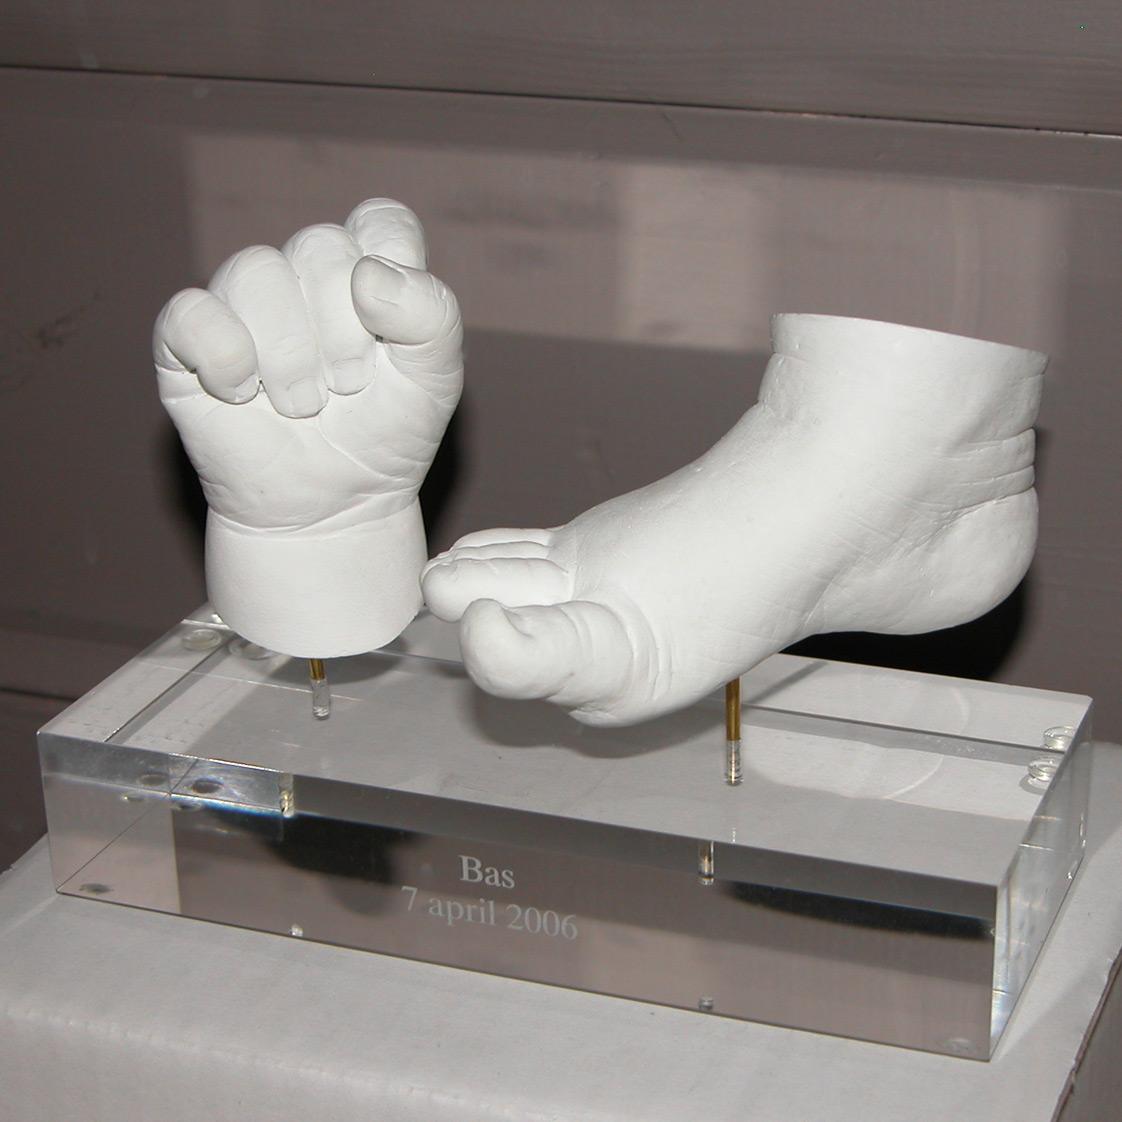 Baby factory voorbeelden - Baby voet verkoop ...